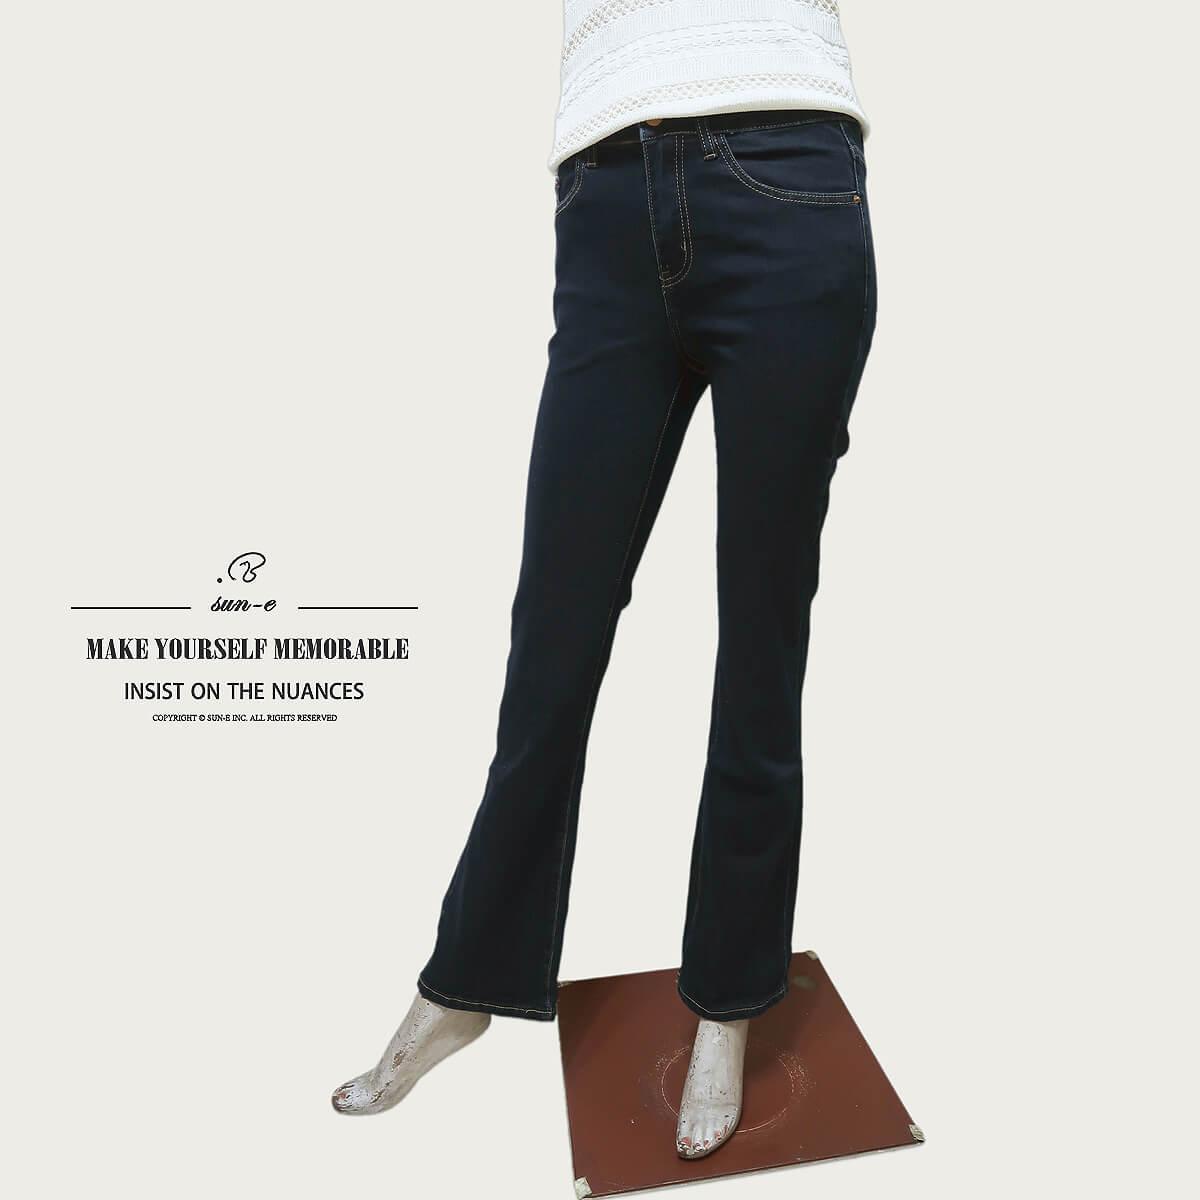 復古洗丹寧喇叭褲,超輕量伸縮有彈性,褲身原色處理保留牛仔原色, 版型修飾腿部線條更顯修長!!